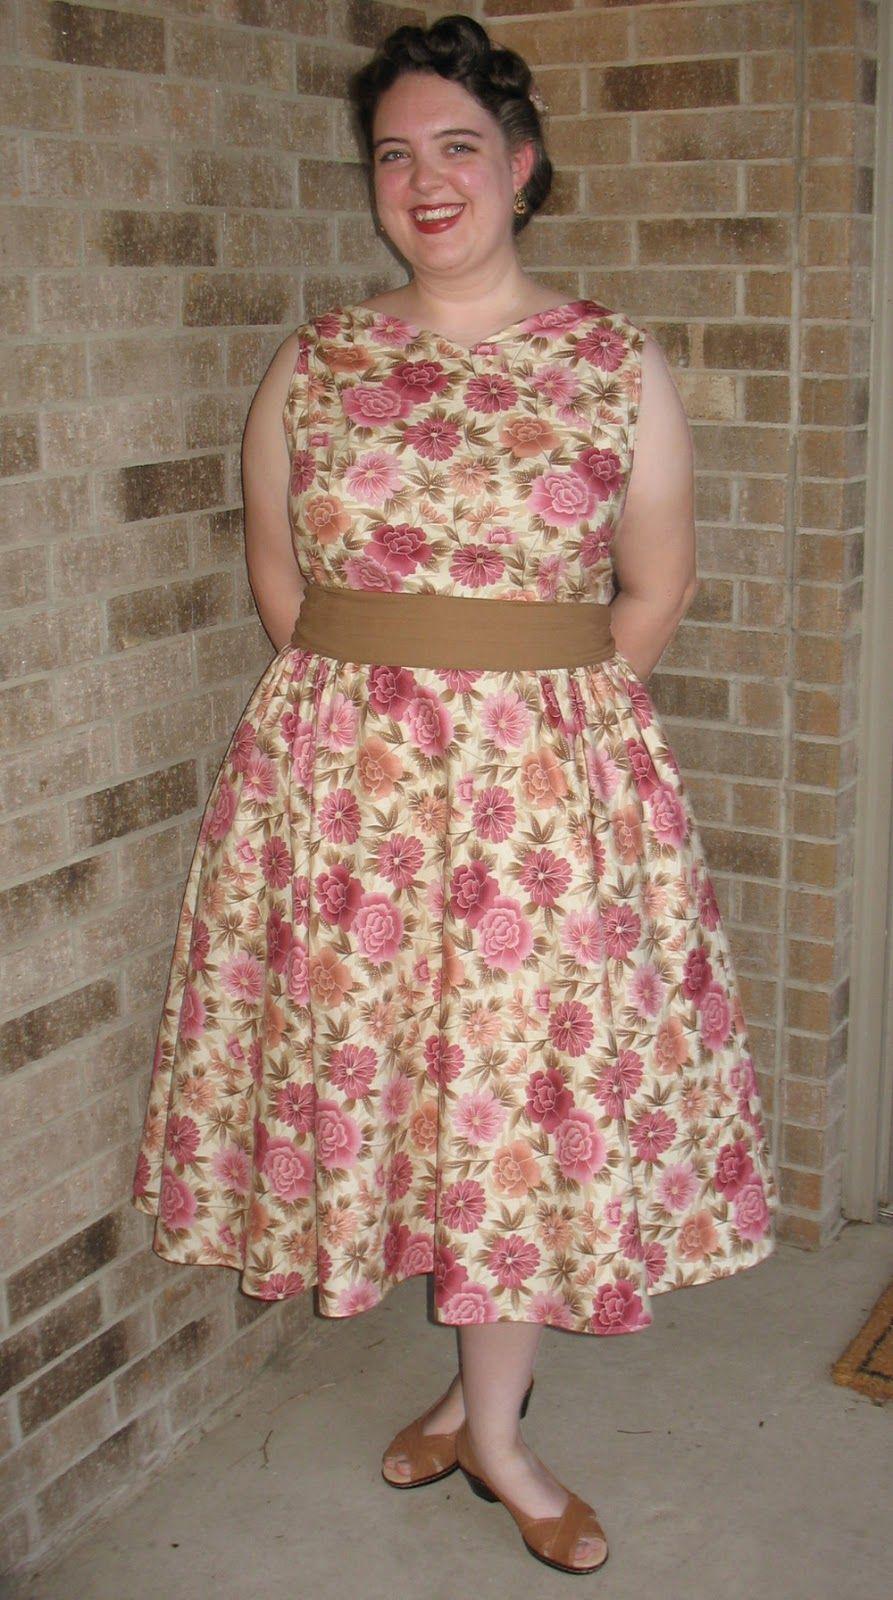 Aux Belles Choses Easter Dress 2013 Butterick 6582